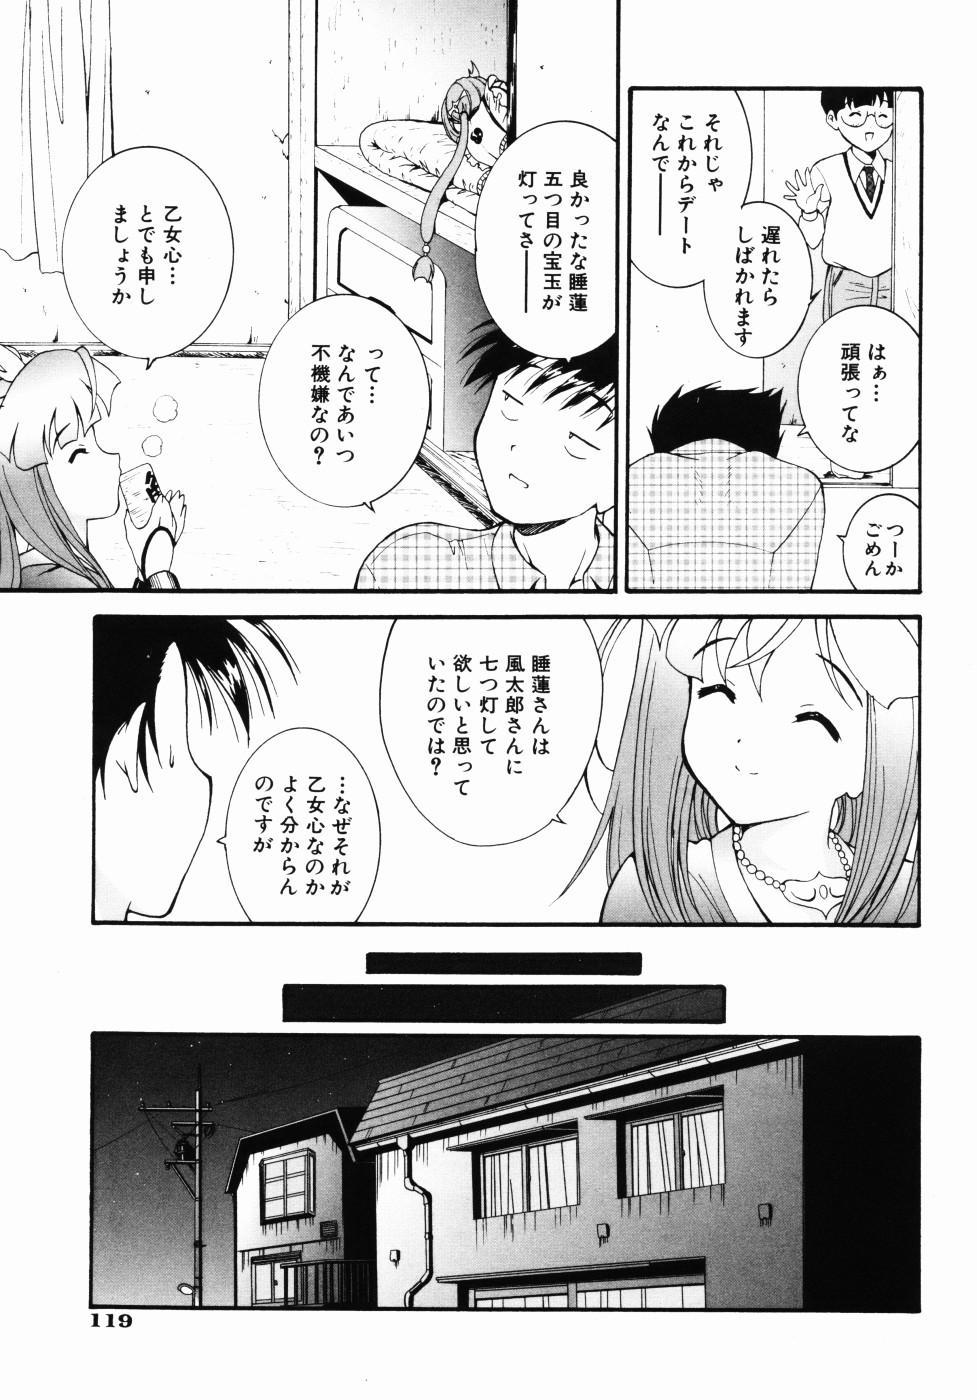 Daikyou Megami 123